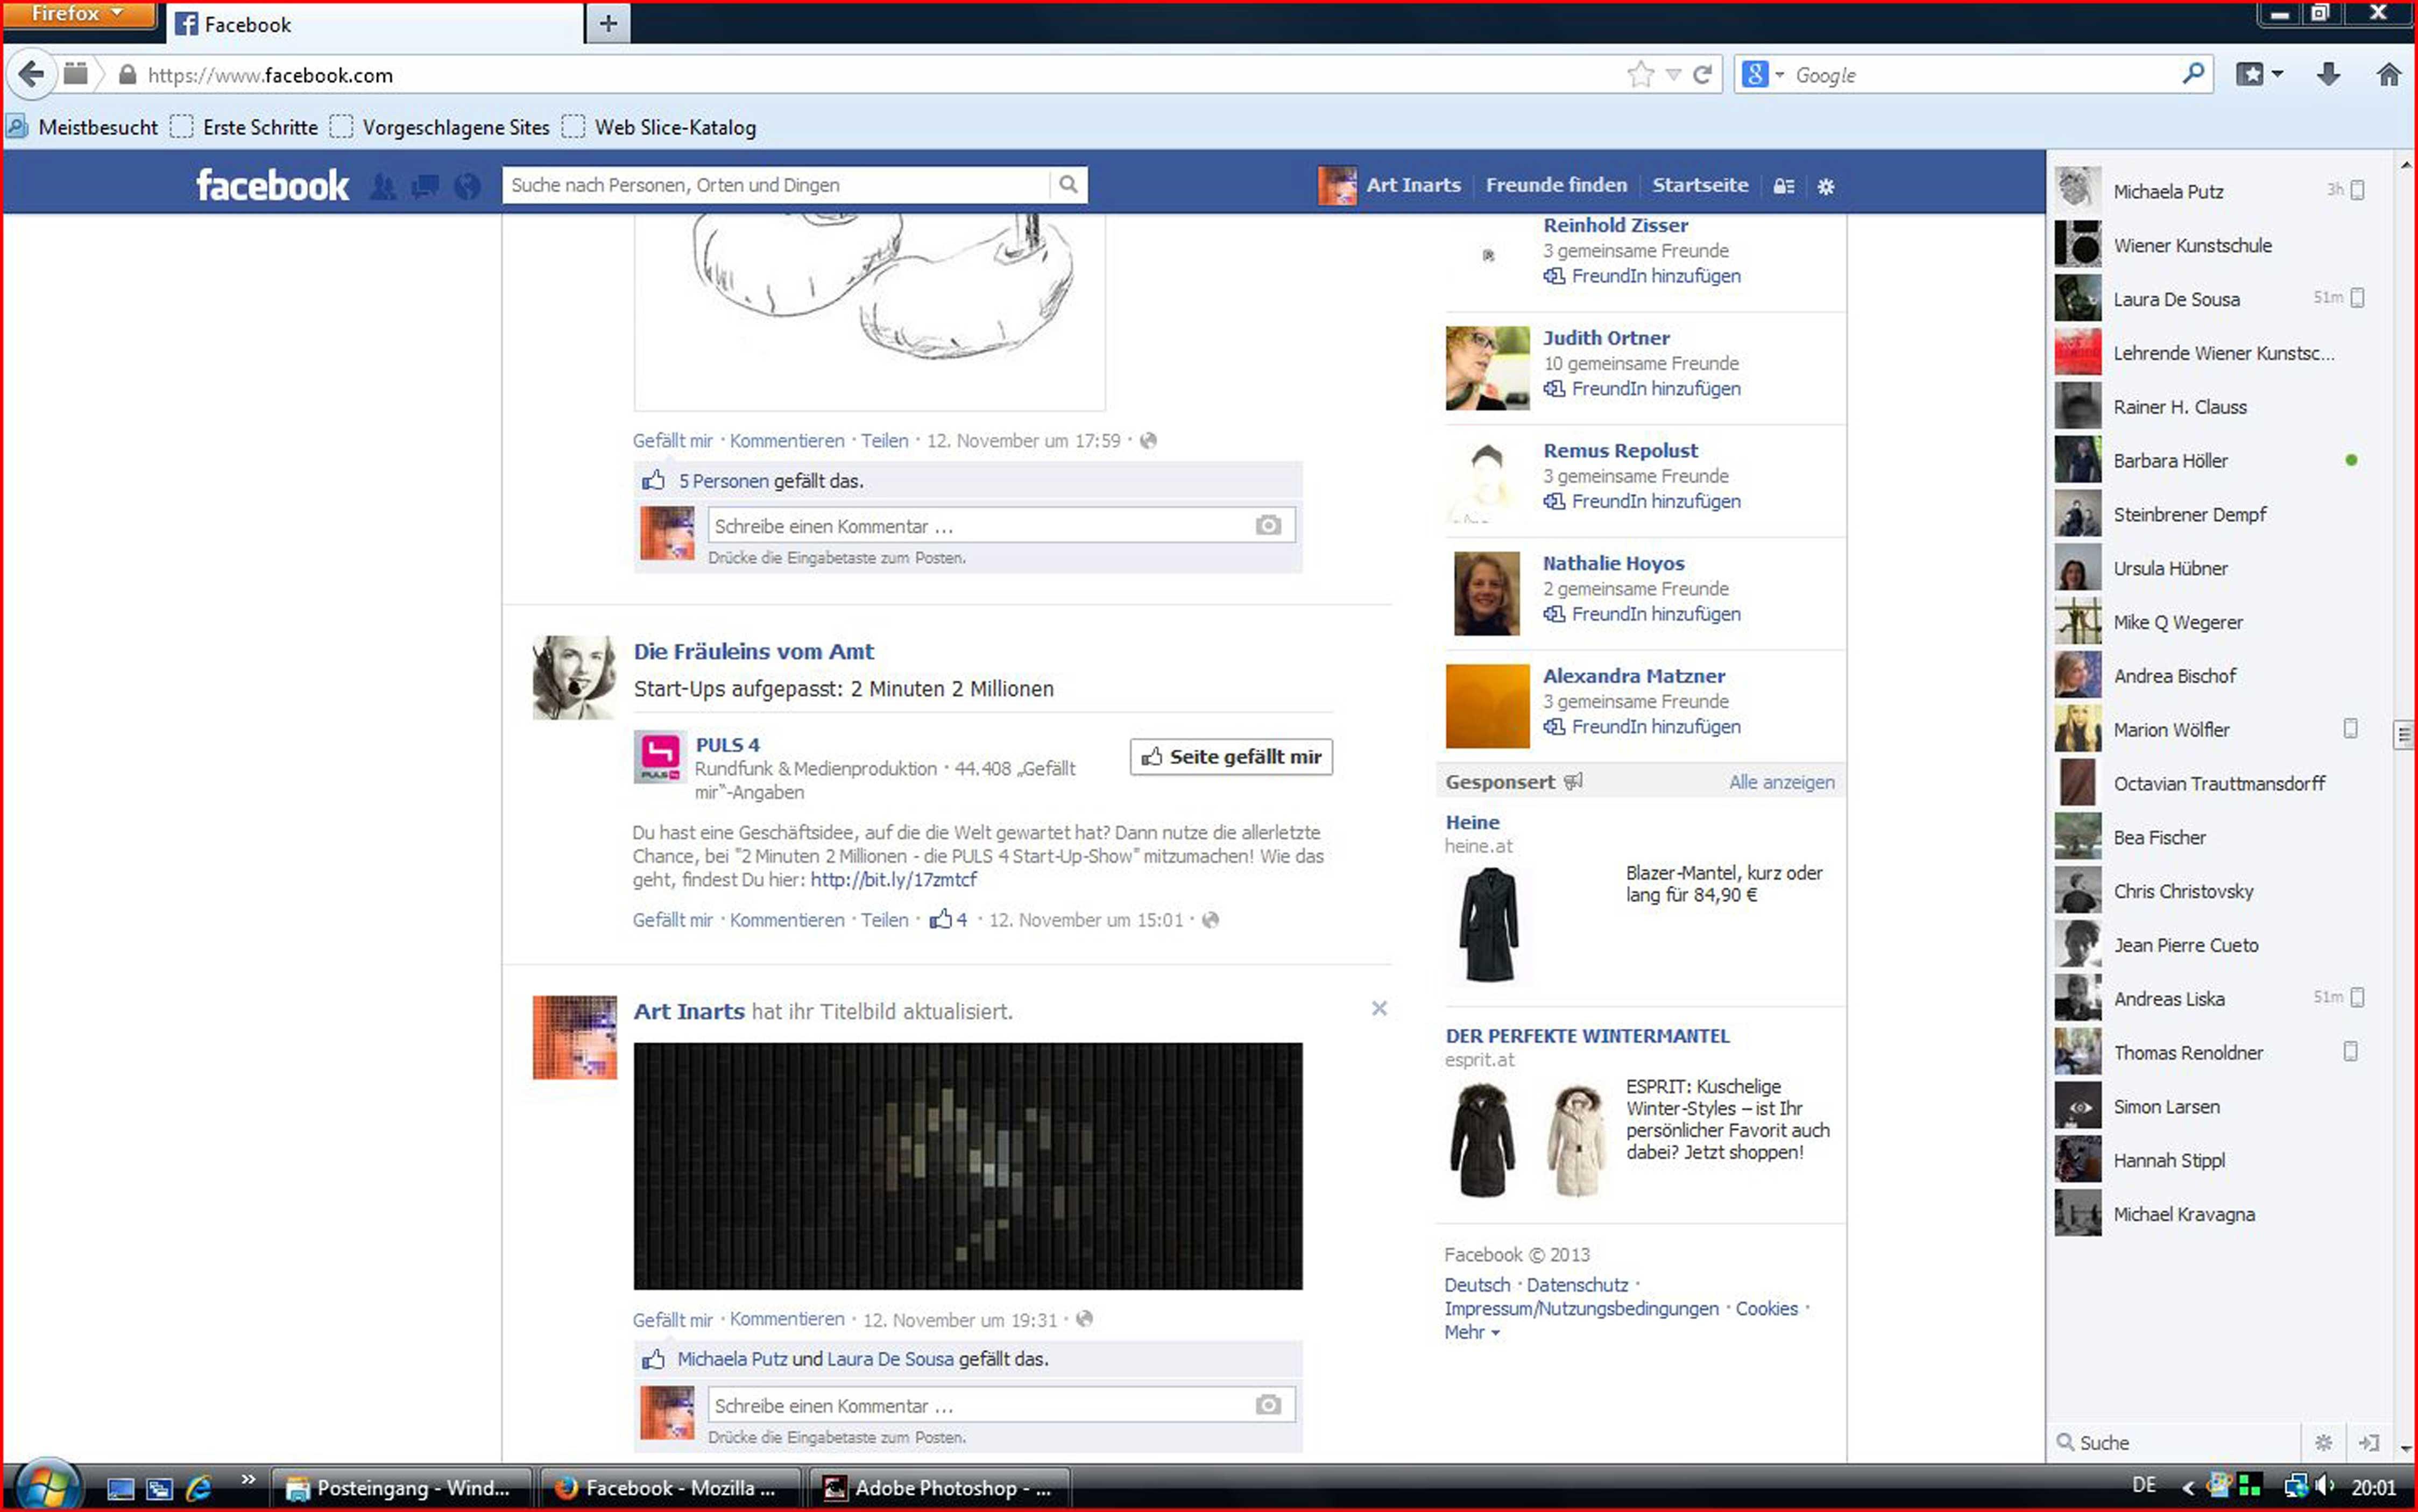 www.facebook.com/art.inarts